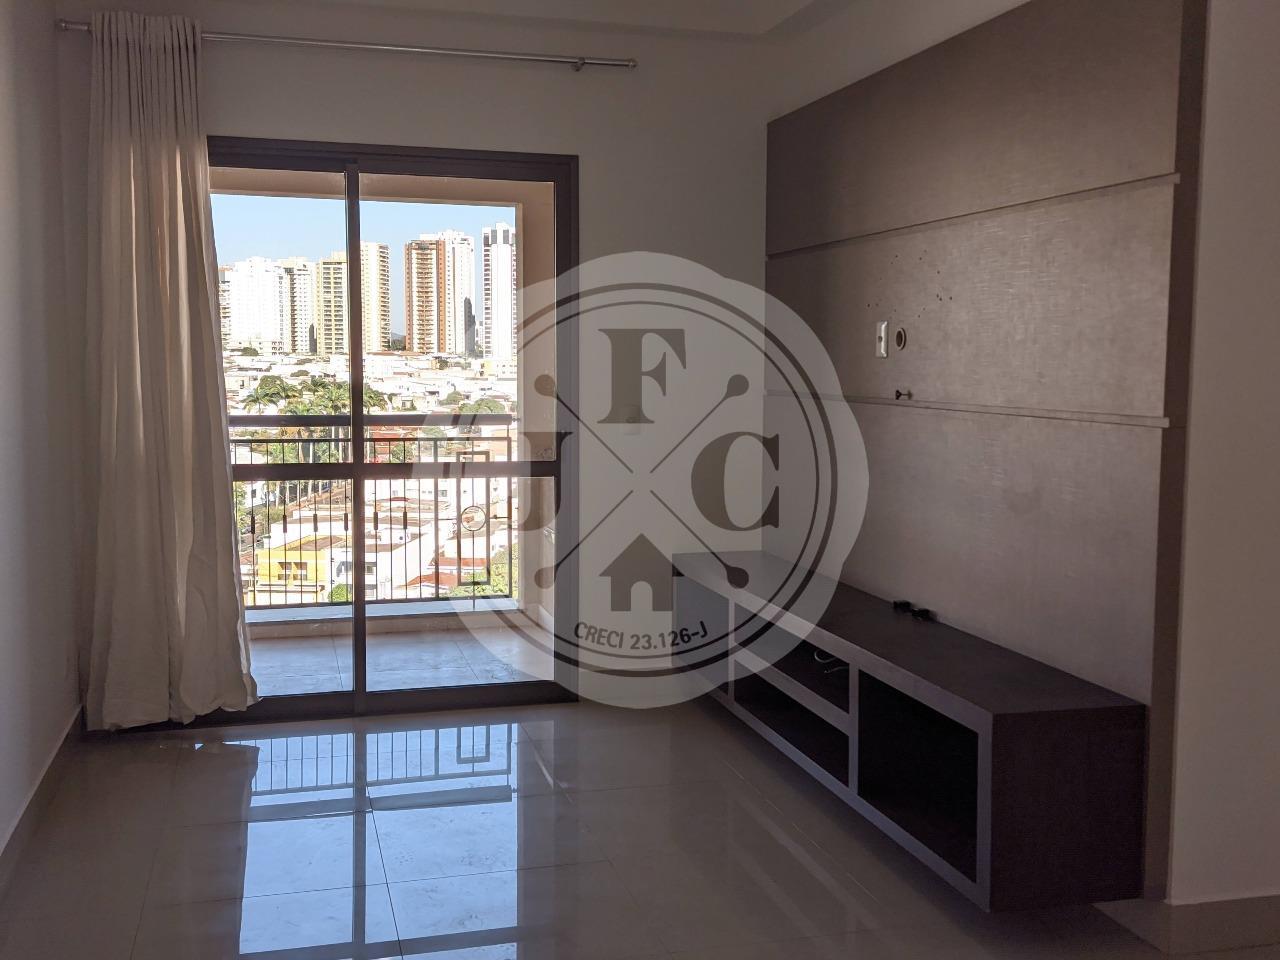 Exclusivo apartamento para locação no bairro Jardim Irajá